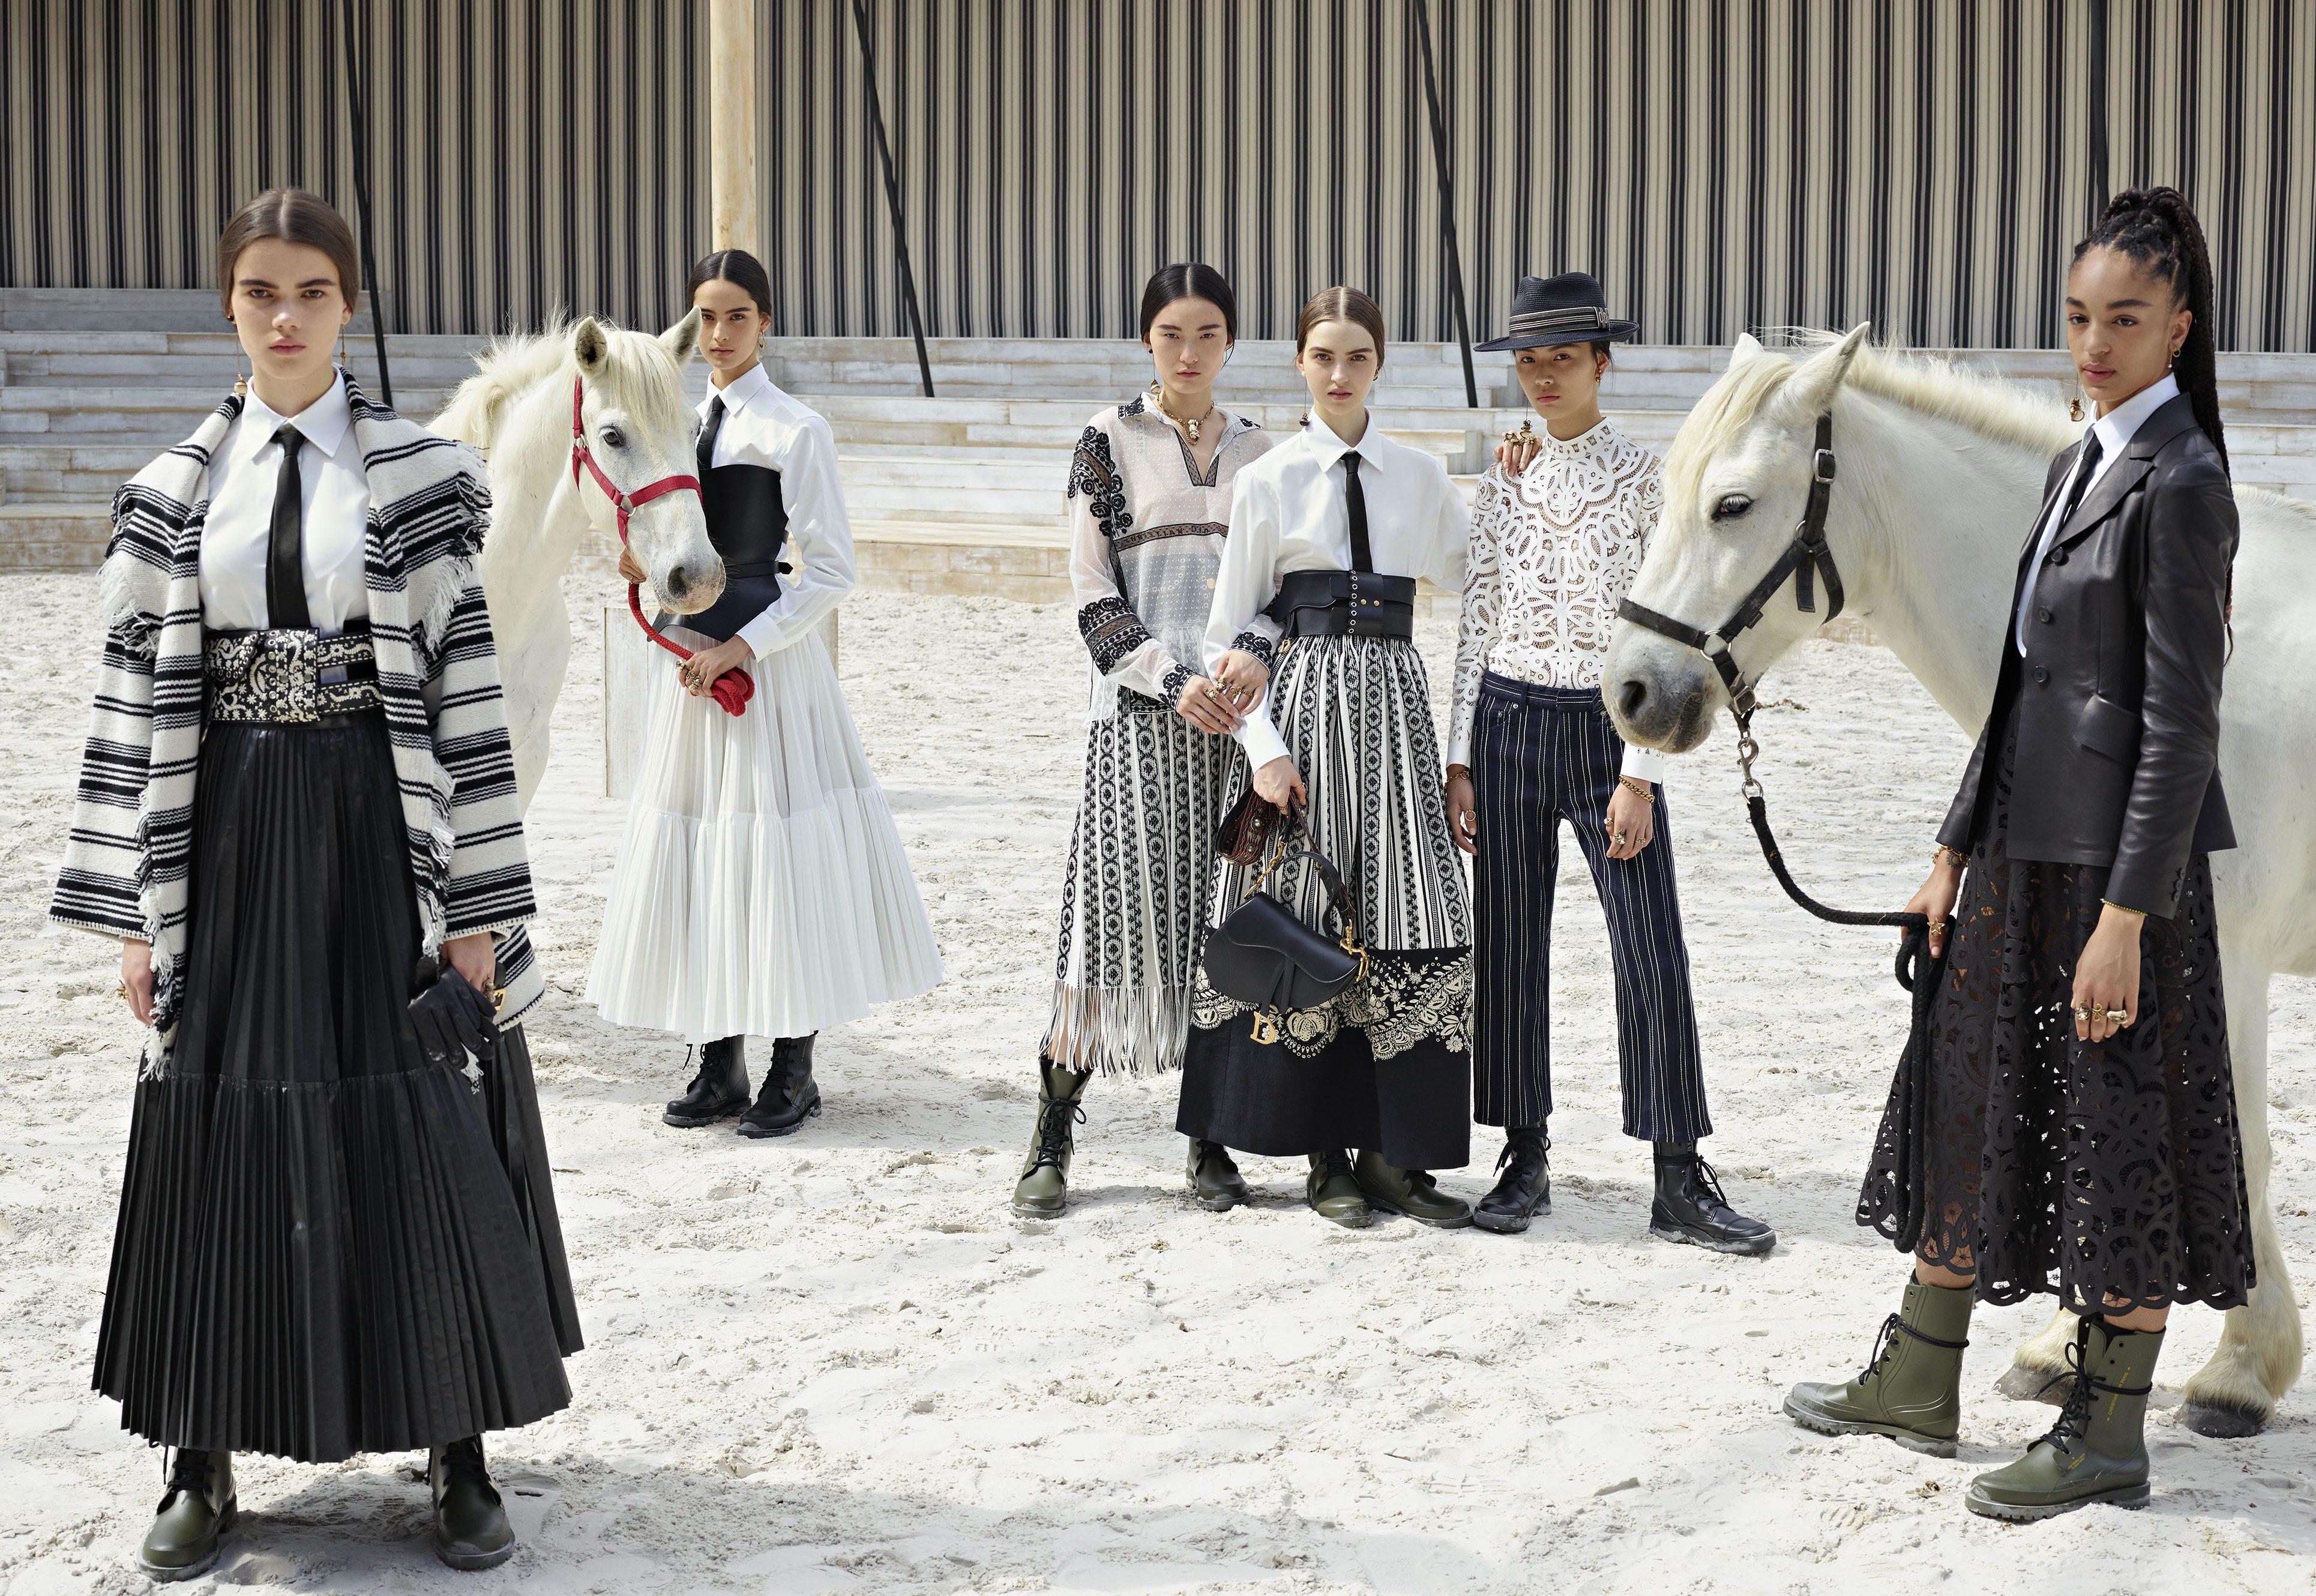 El nuevo pódcast #DiorTalks tiene como protagonista a la fotógrafa mexicana Paola Vivas